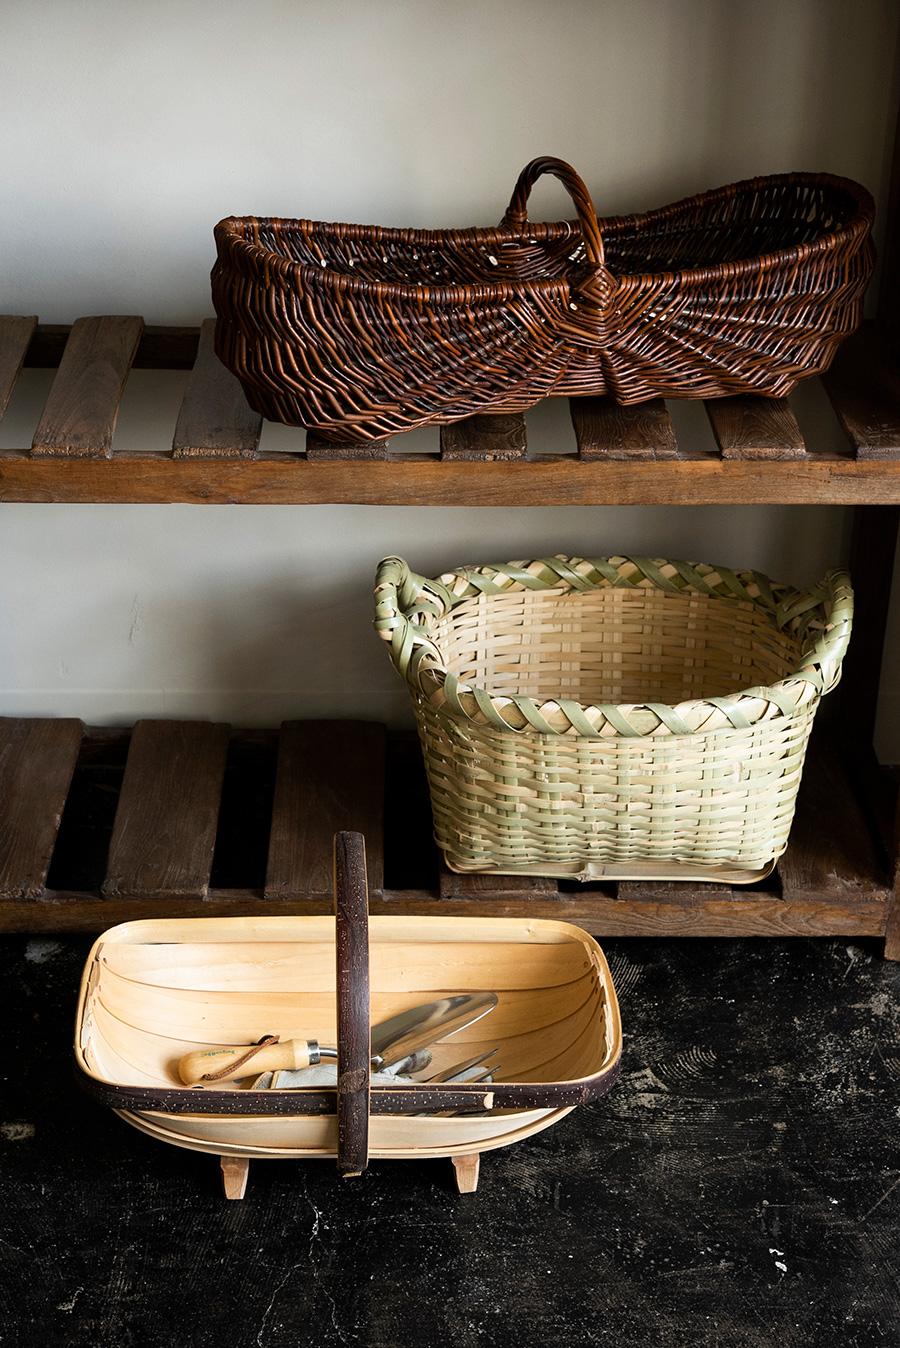 上・フランス、ブルターニュ地方で100年以上前から使われていたとされるポワソニエール(魚売り)のカゴ¥27,500。魚がまっすぐに並べられ、新鮮に見えるようにデザインされている。中・福島県小名浜漁港で水揚げに使われていた万漁カゴ¥12,100。素材は真竹で頑丈な造り。下・イギリスのサセックス地方に伝わるガーデニング用のカゴ、ガーデントラッグ。しなやかなヤナギの木に持ち手にはクリを使った、英国王室御用達の品¥18,700。*価格はすべて税込み表示。